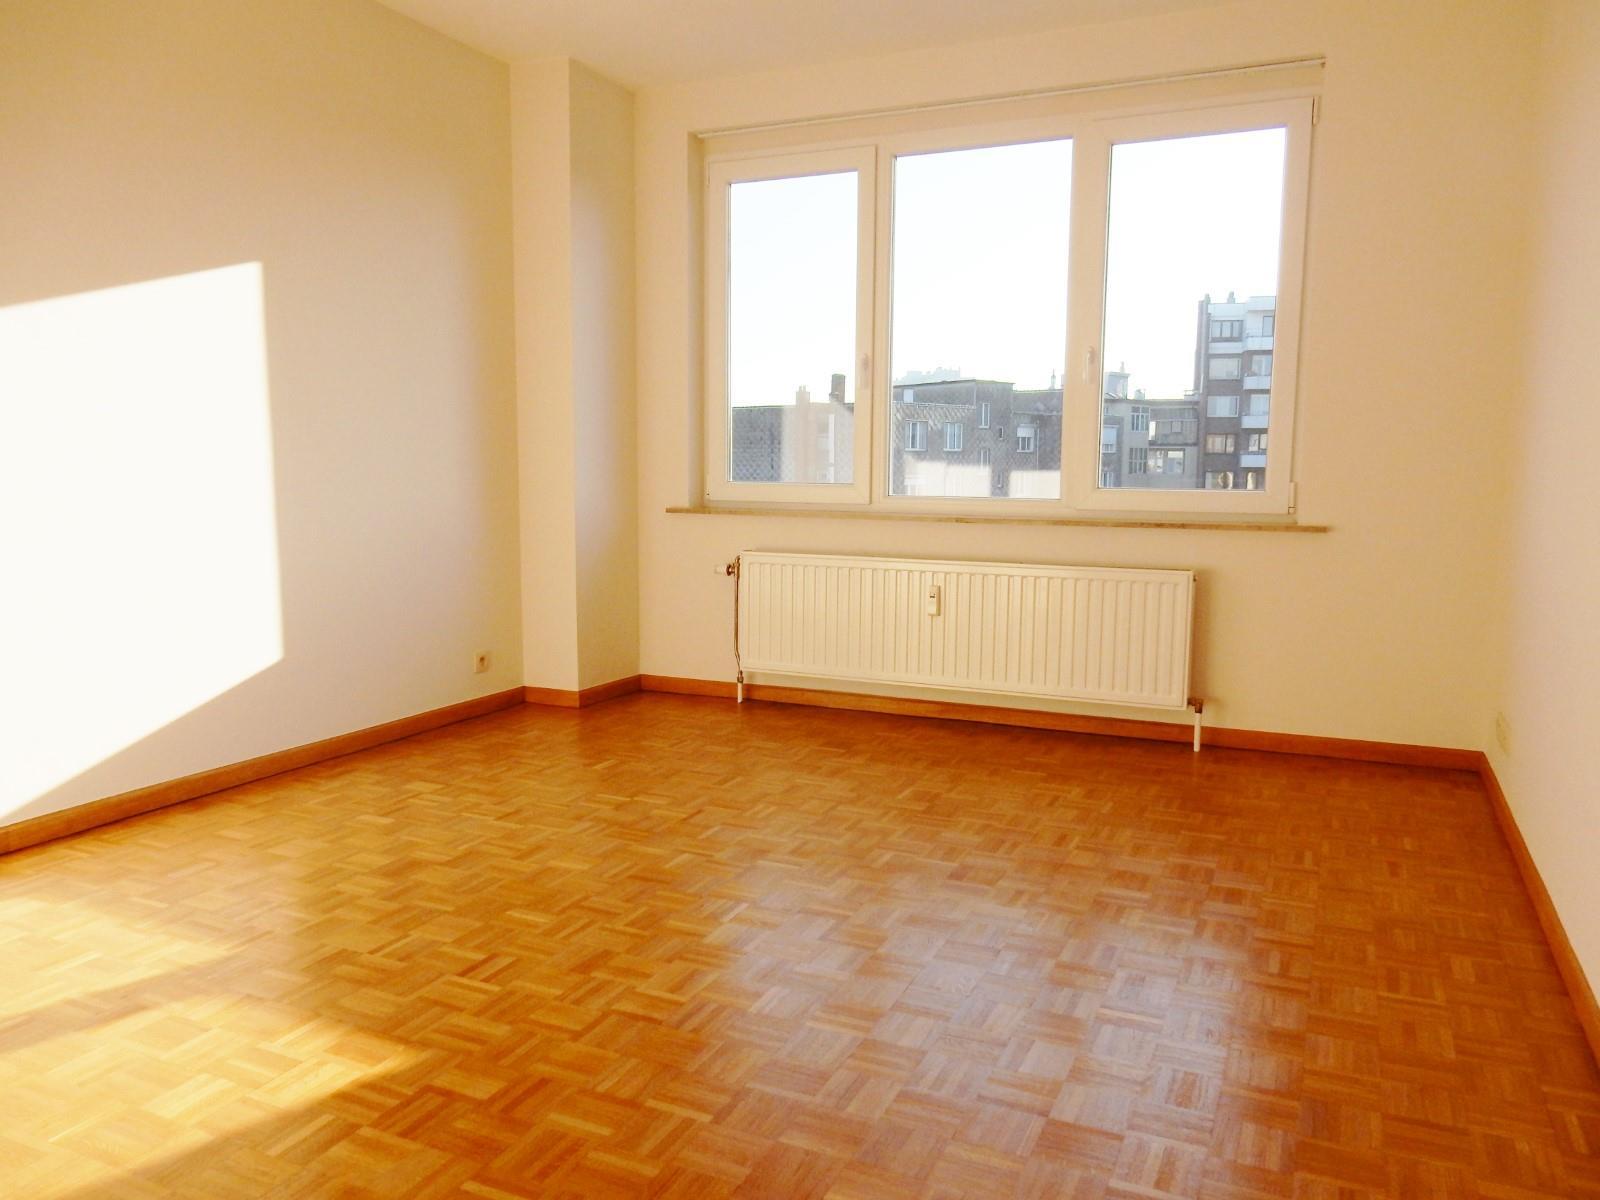 Flat - Schaerbeek - #3798122-5